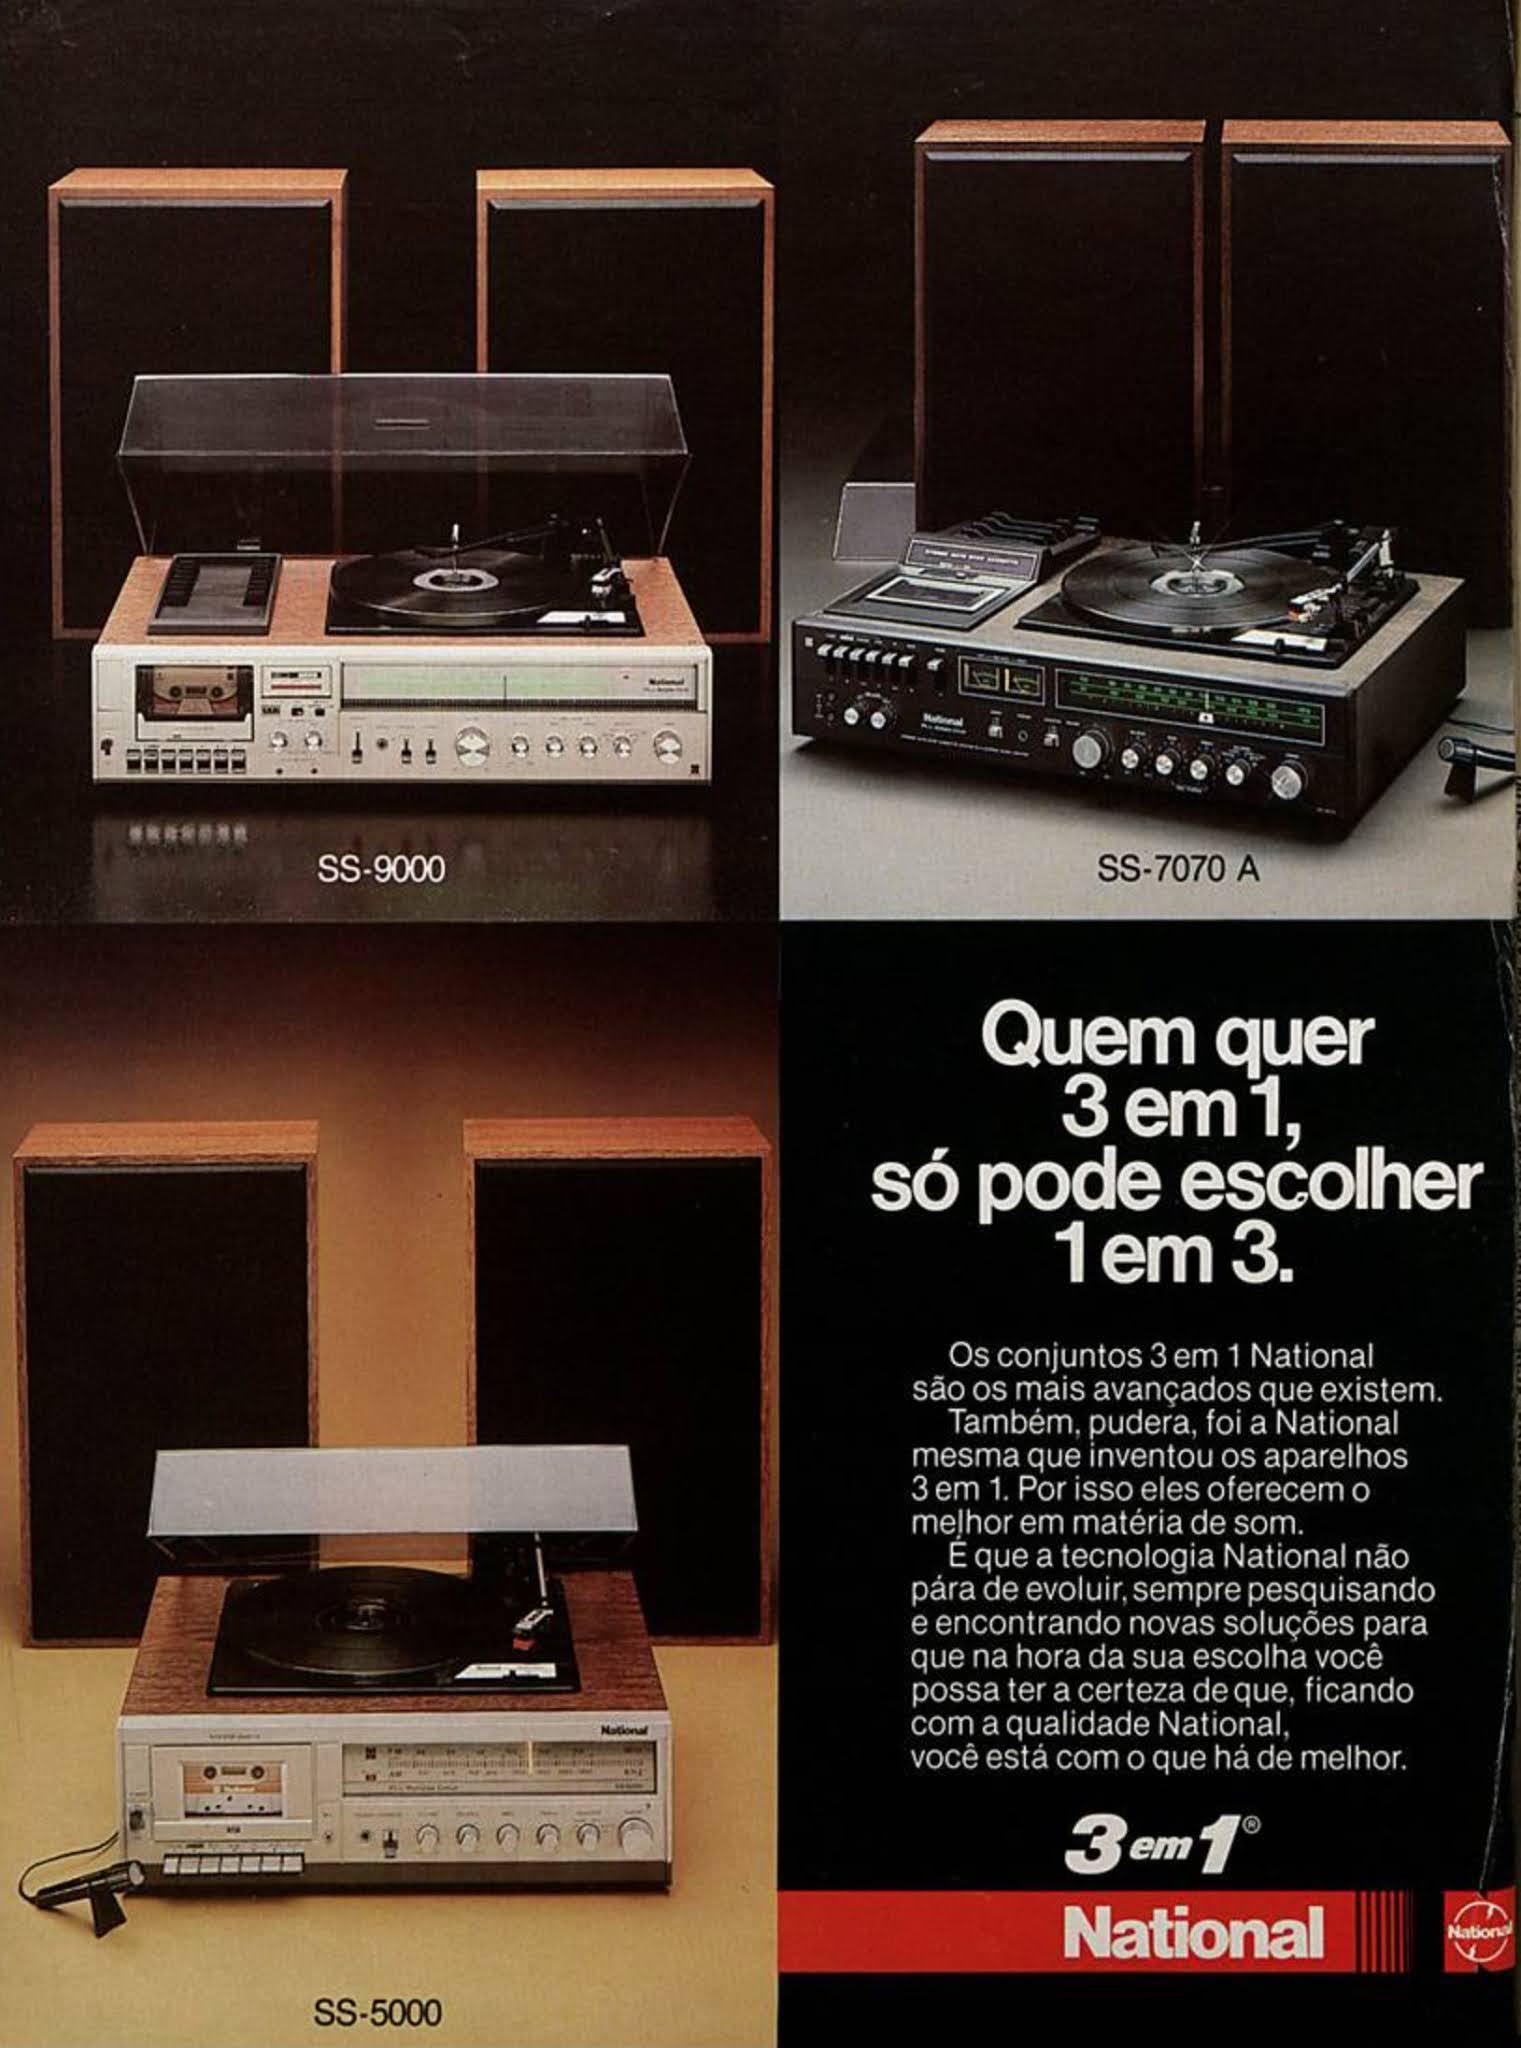 Anúncio do aparelho de som 3 em 1 da National veiculado em 1983